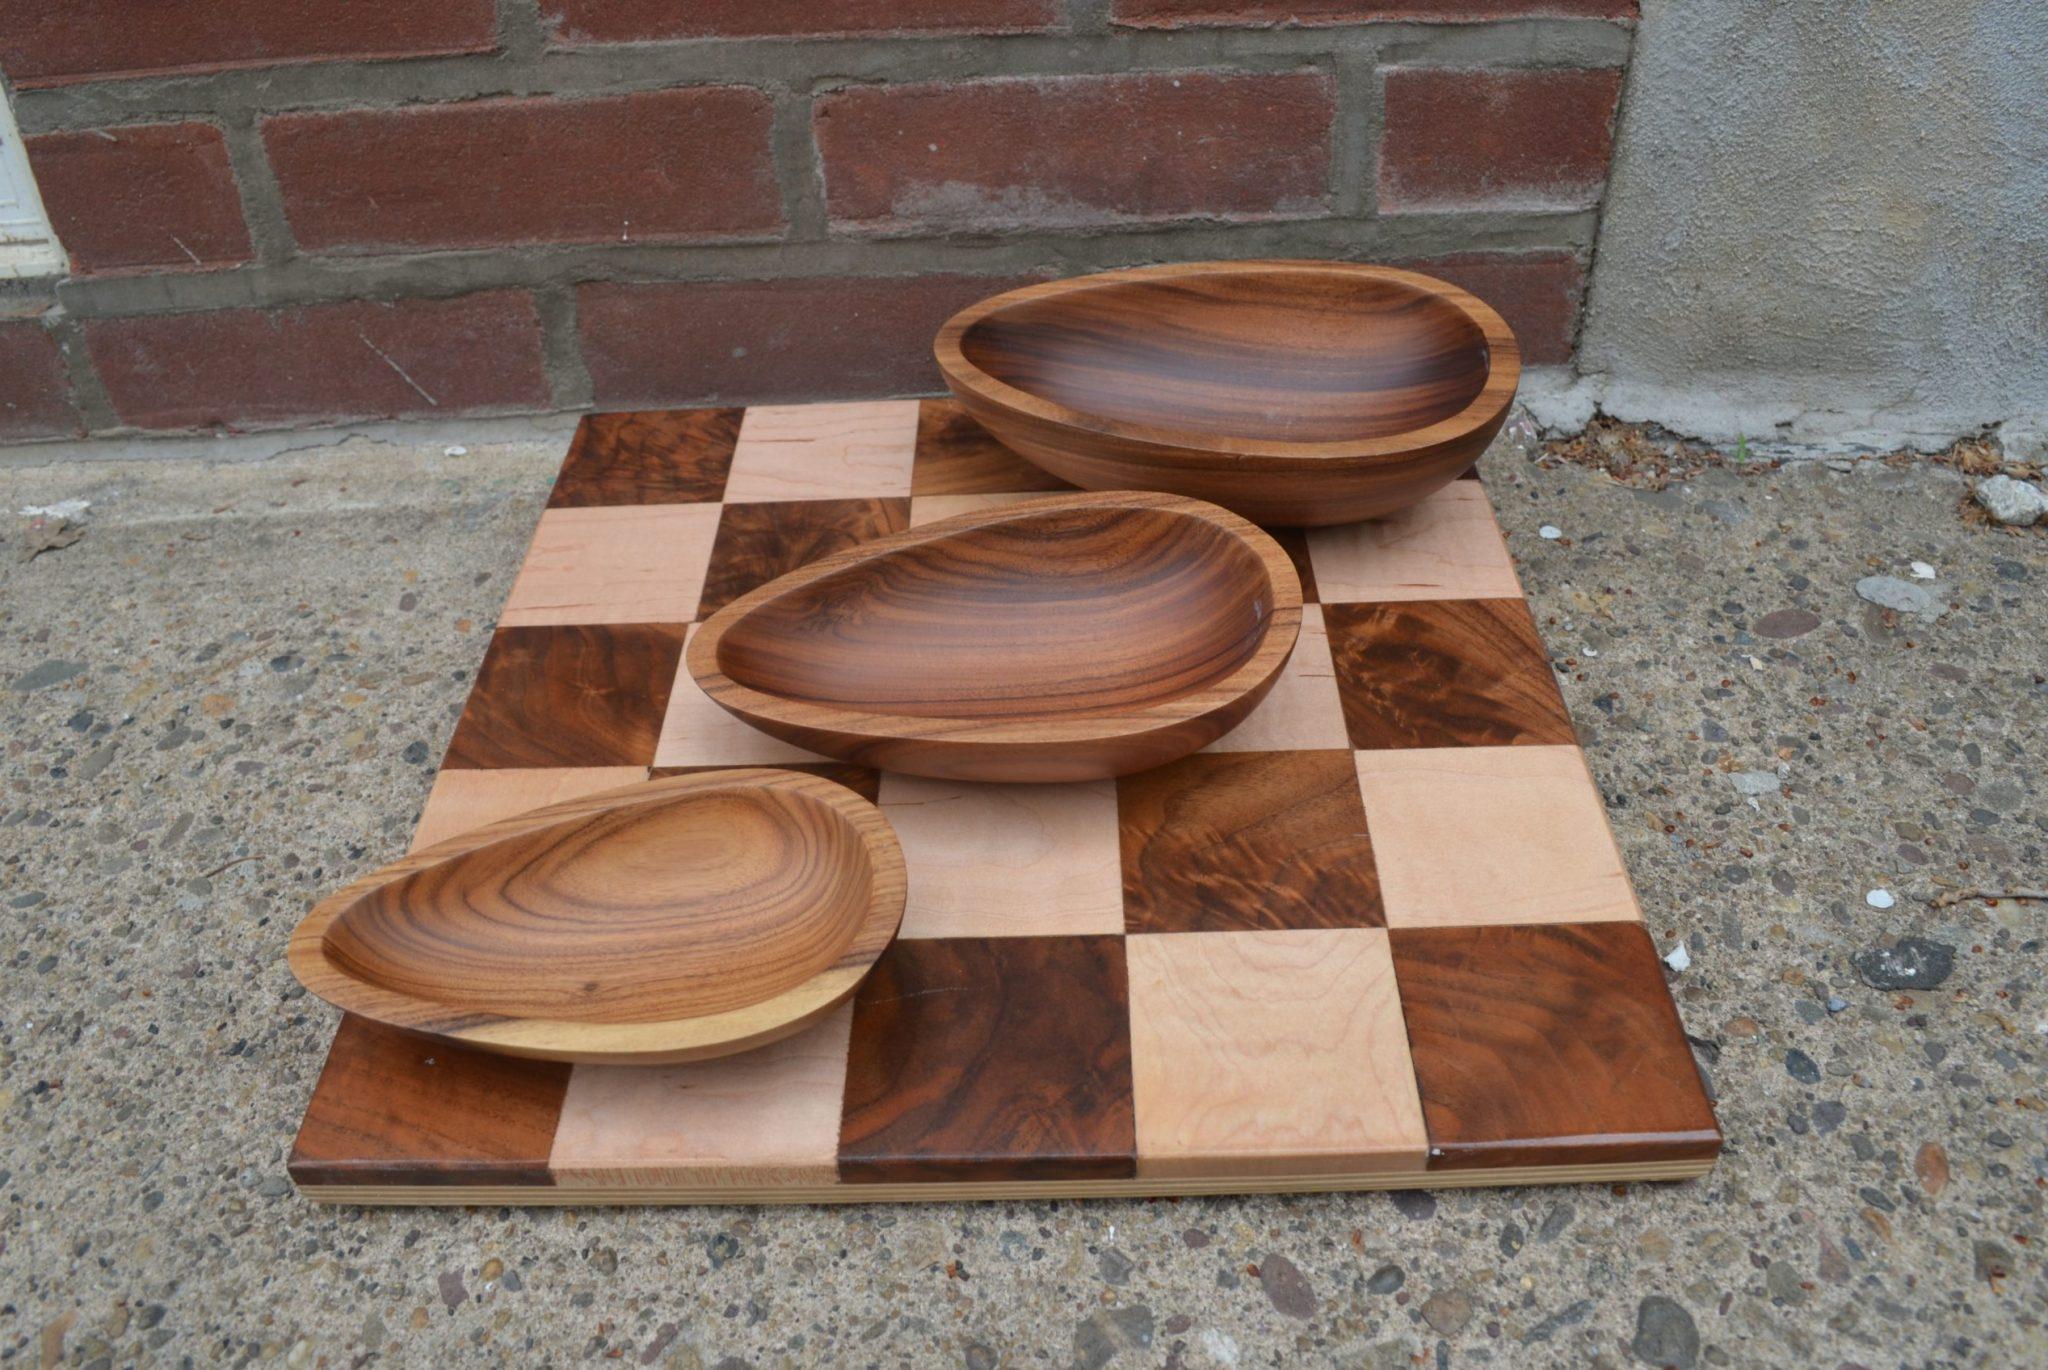 _Avocados_ Morado Bowl Set, separate